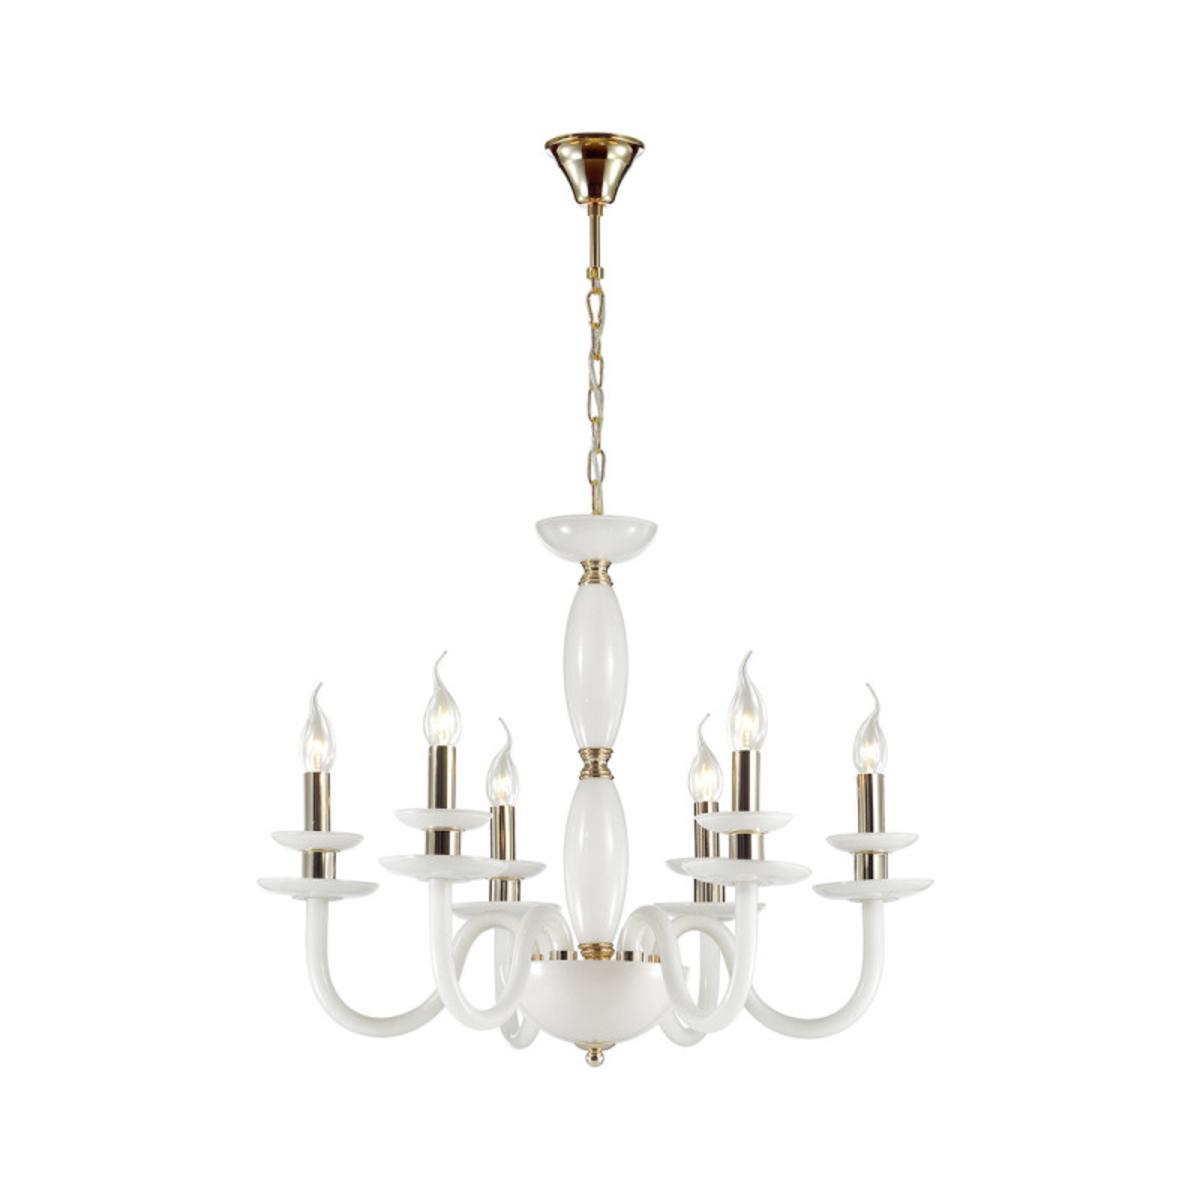 Купить Подвесная люстра Capri Подвесная люстра Odeon Light 4187/6 (15497), HomeMe